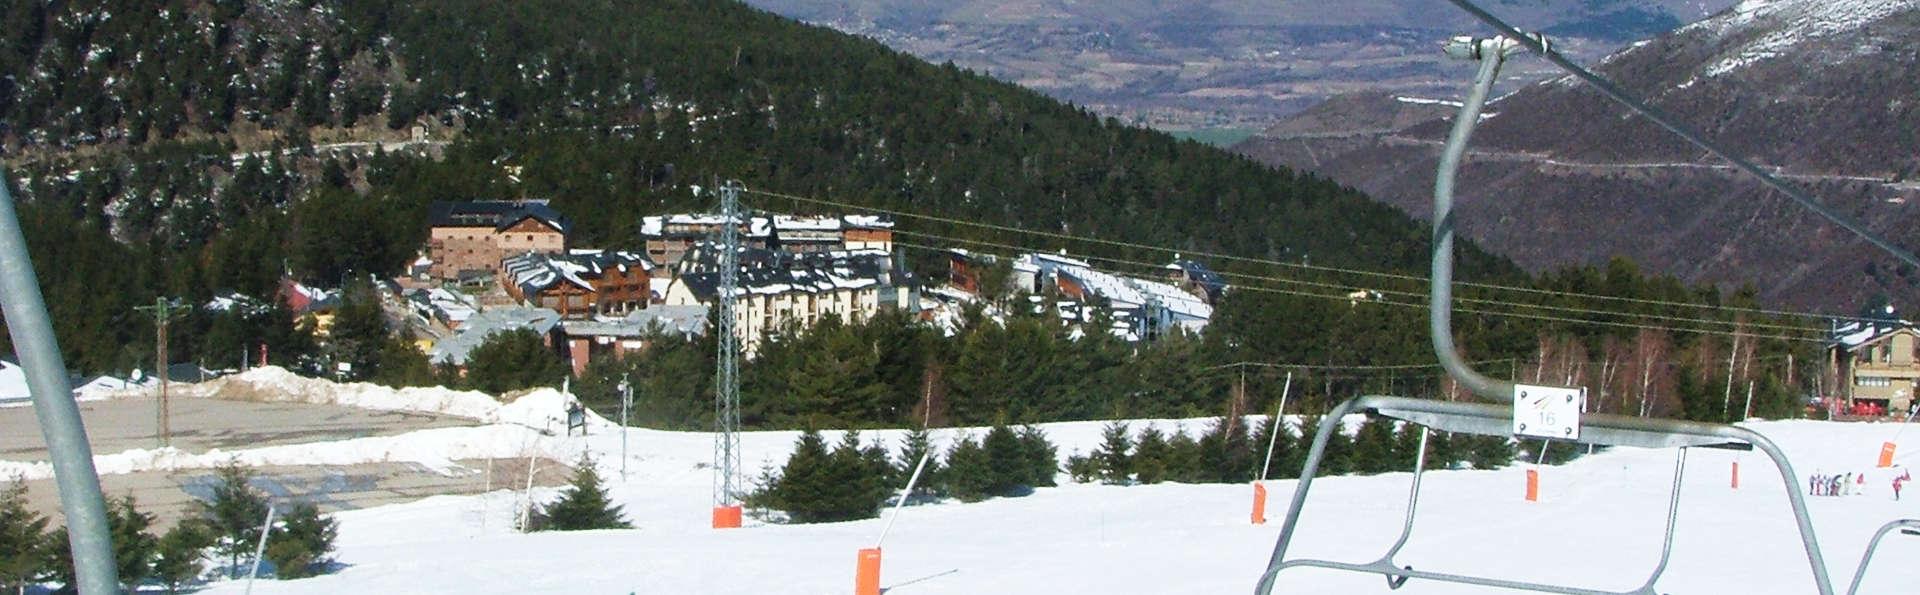 Especial esquí con media pensión en La Masella